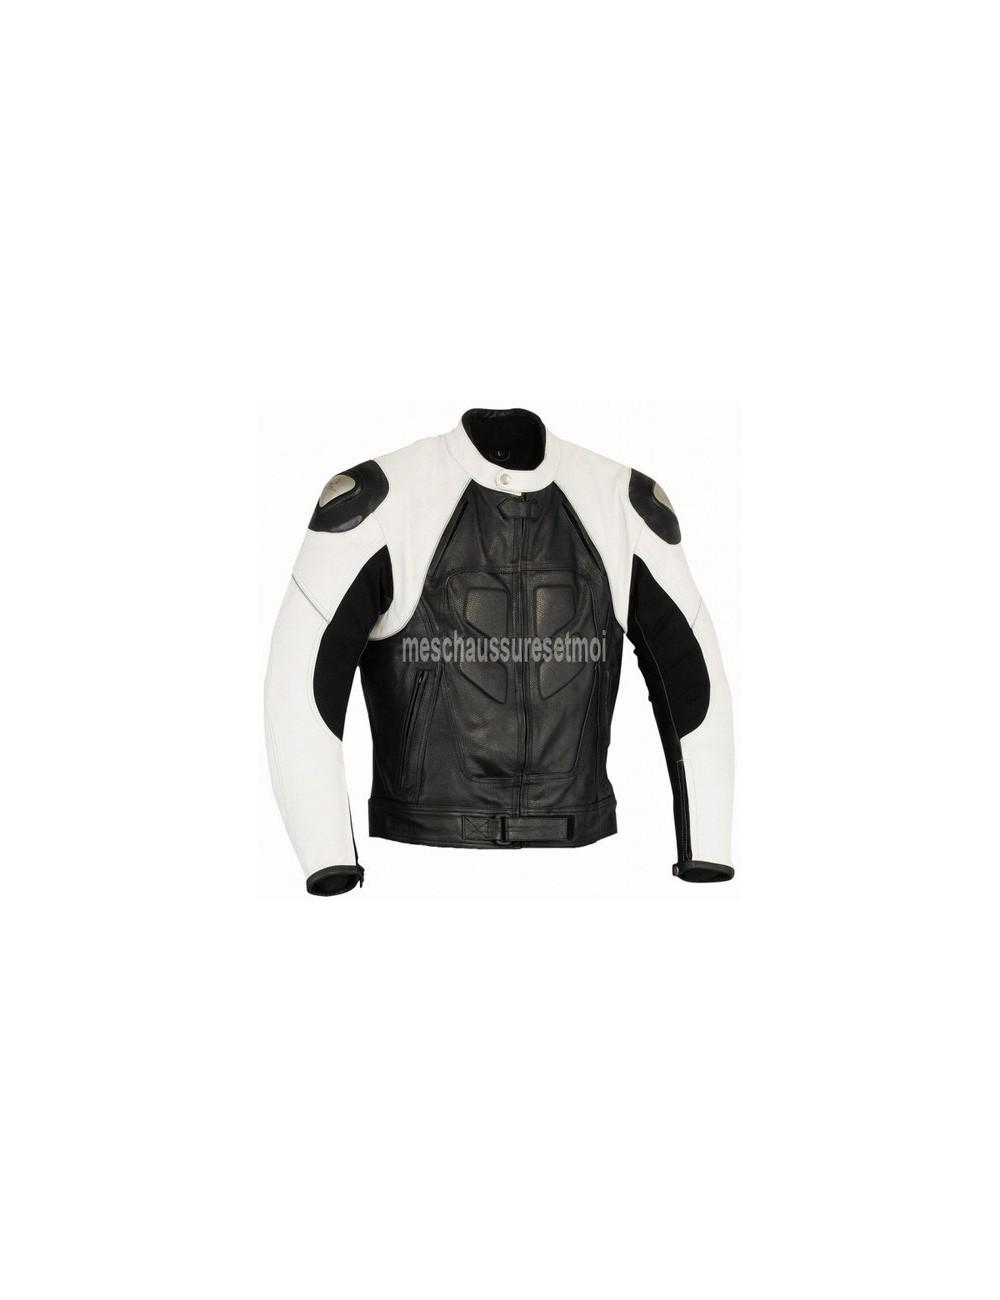 Vêtement moto sur mesure - Blouson moto cuir noir et blanc sur mesure